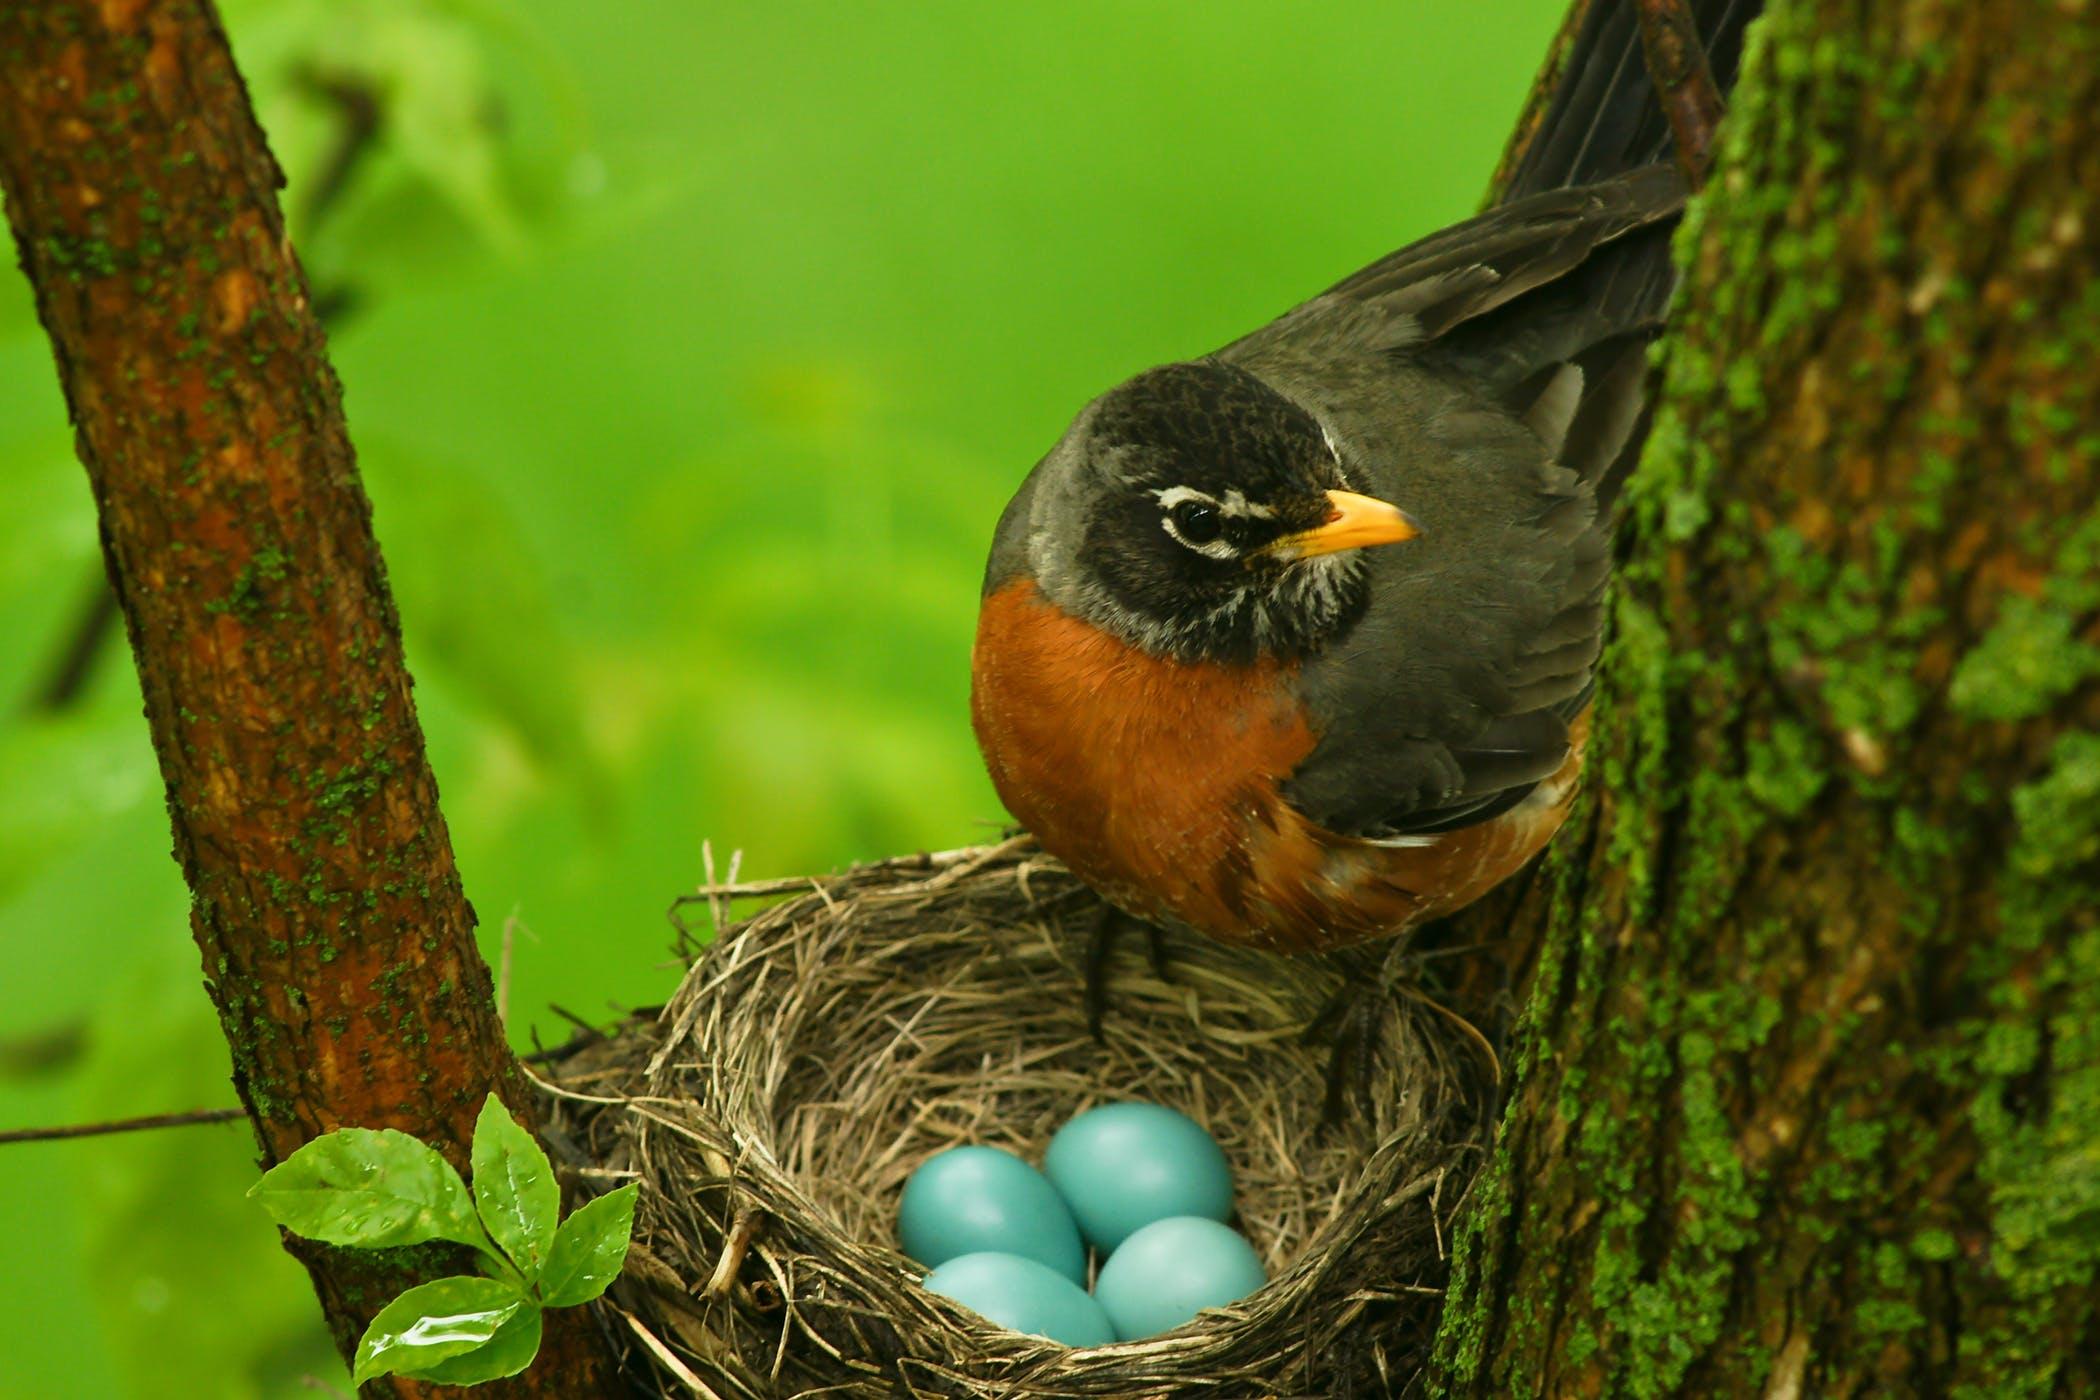 ઓસ્ટ્રેલિયાના સંશોધકોનું રિસર્ચ, પક્ષીઓને જન્મ પહેલાં જ પેરેન્ટ્સ પાસેથી કલરવ કરવાની ટ્રેનિંગ મળે છે, ઈંડાંનીઅંદર રહીને જ ભ્રૂણ બોલતા શીખે છે|લાઇફસ્ટાઇલ,Lifestyle - Divya Bhaskar